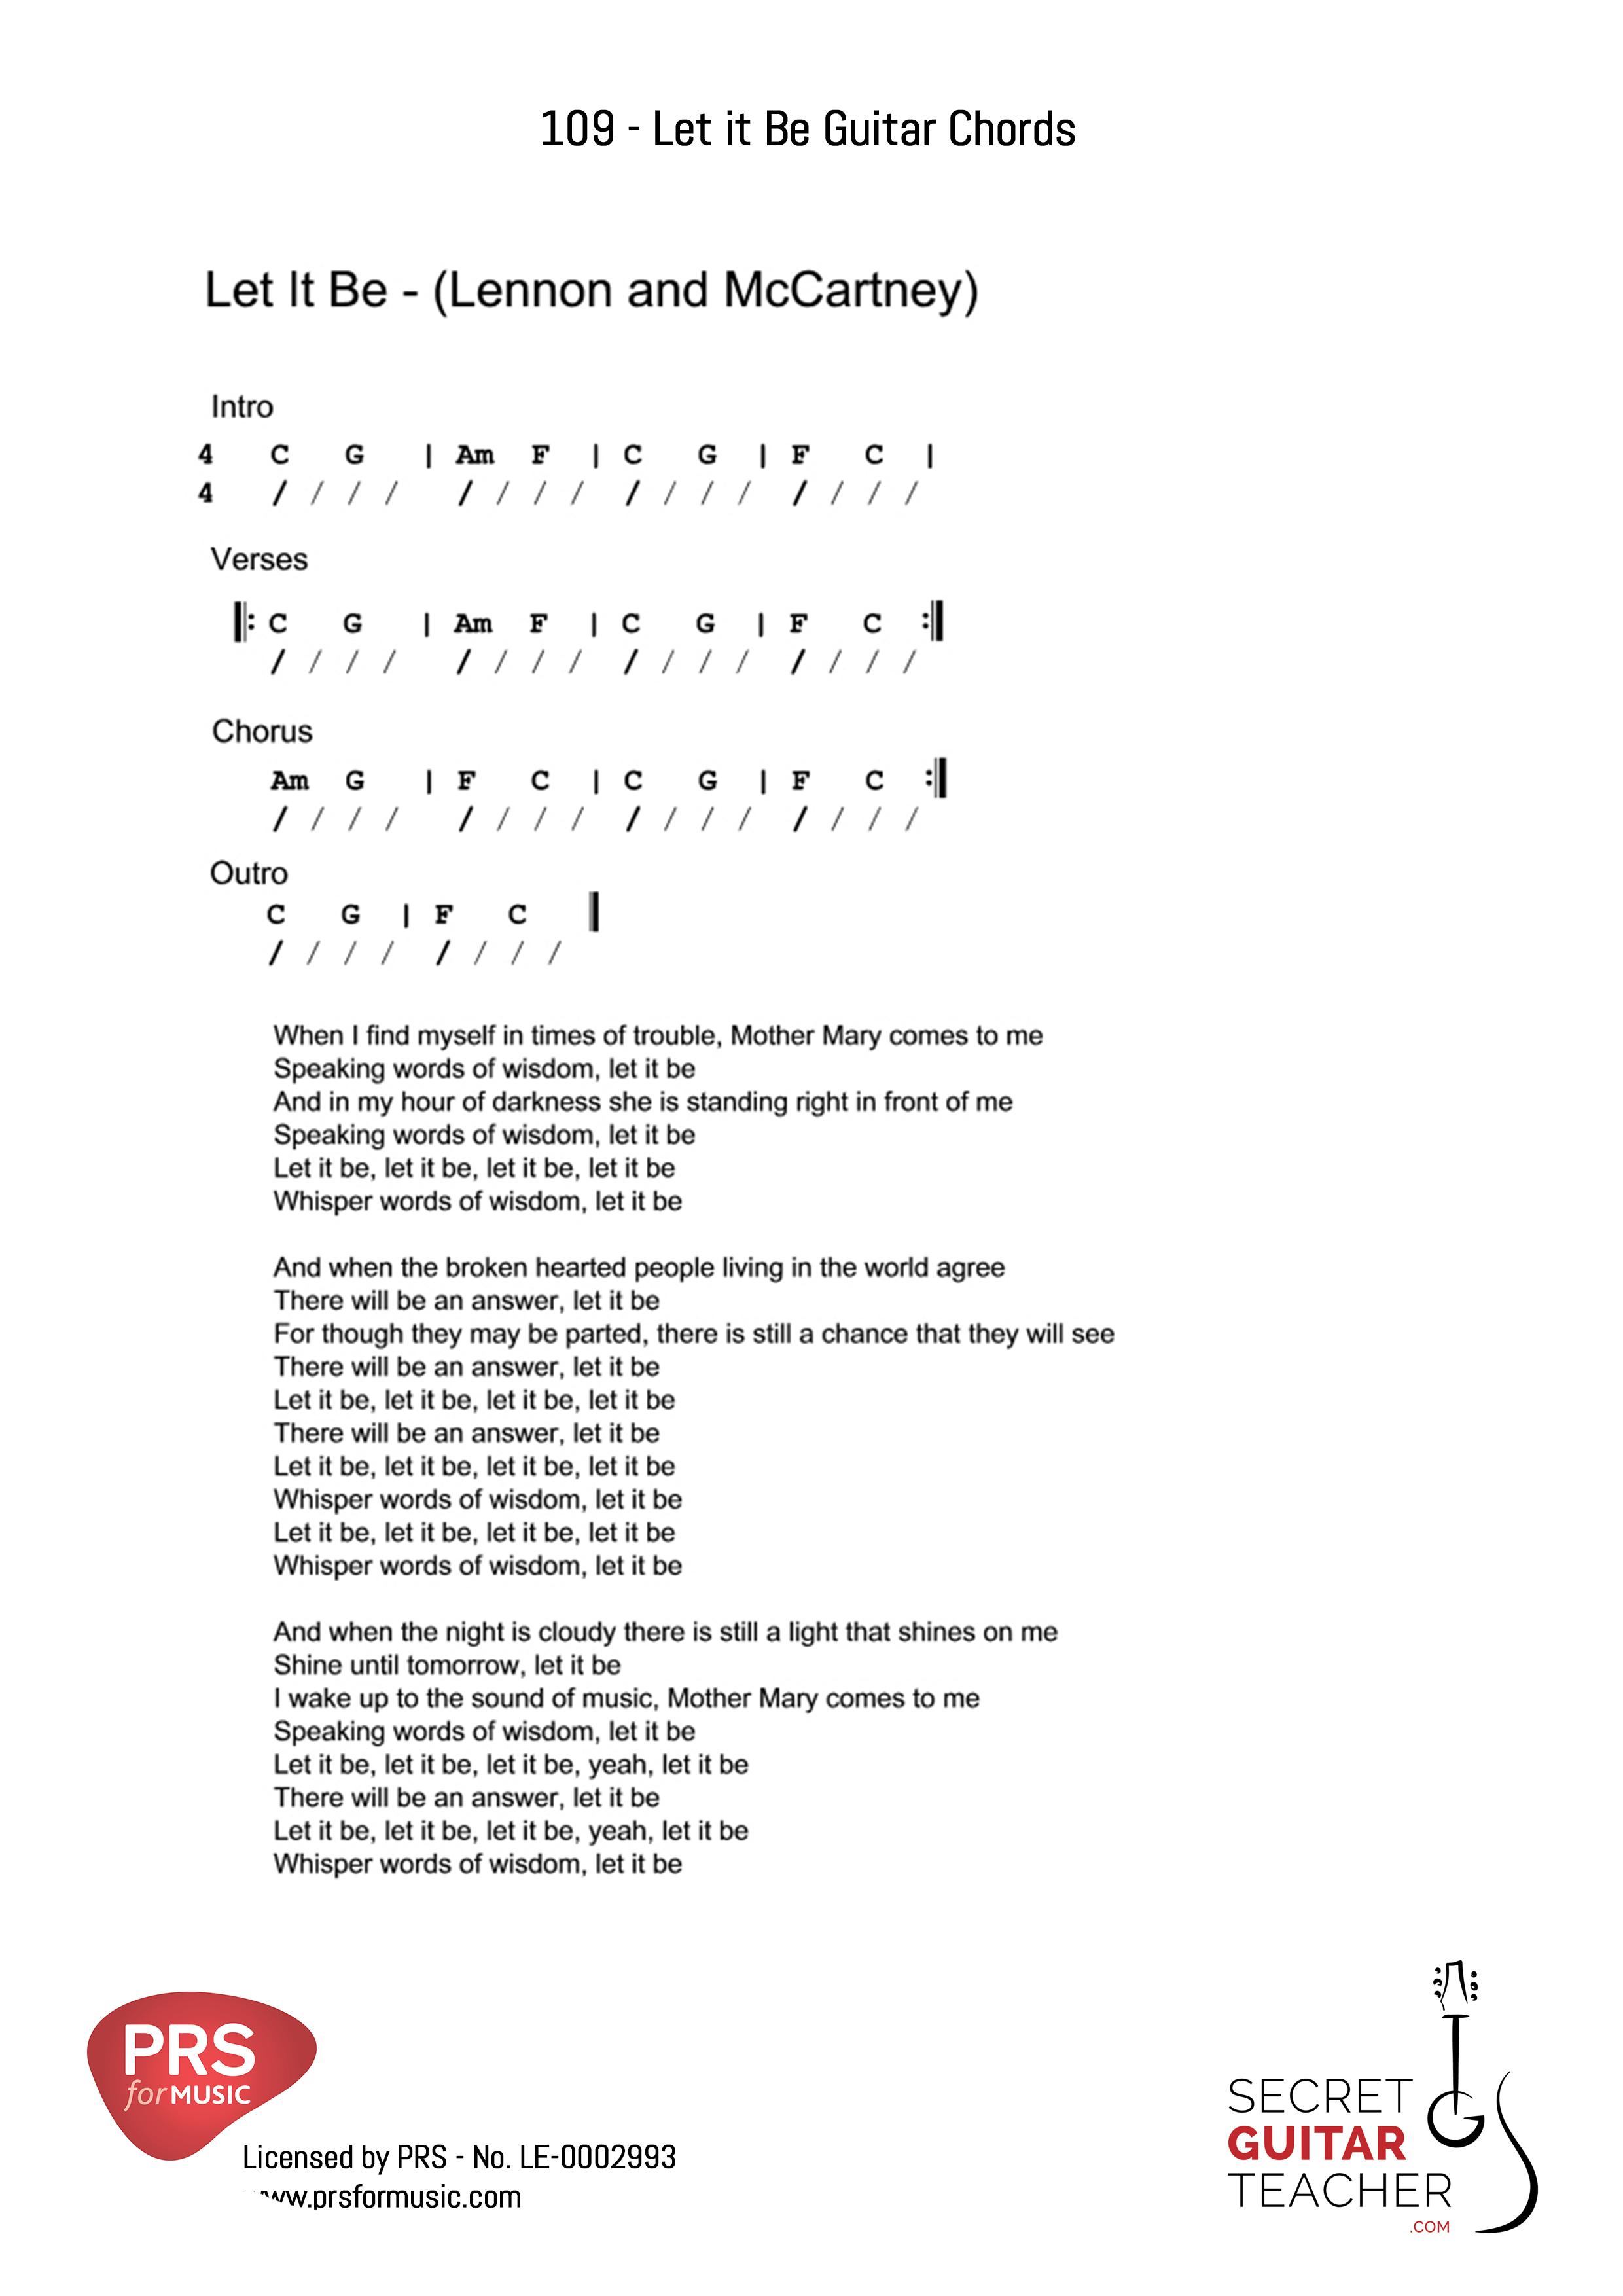 Printouts let it be download as pdf download as jpg hexwebz Gallery